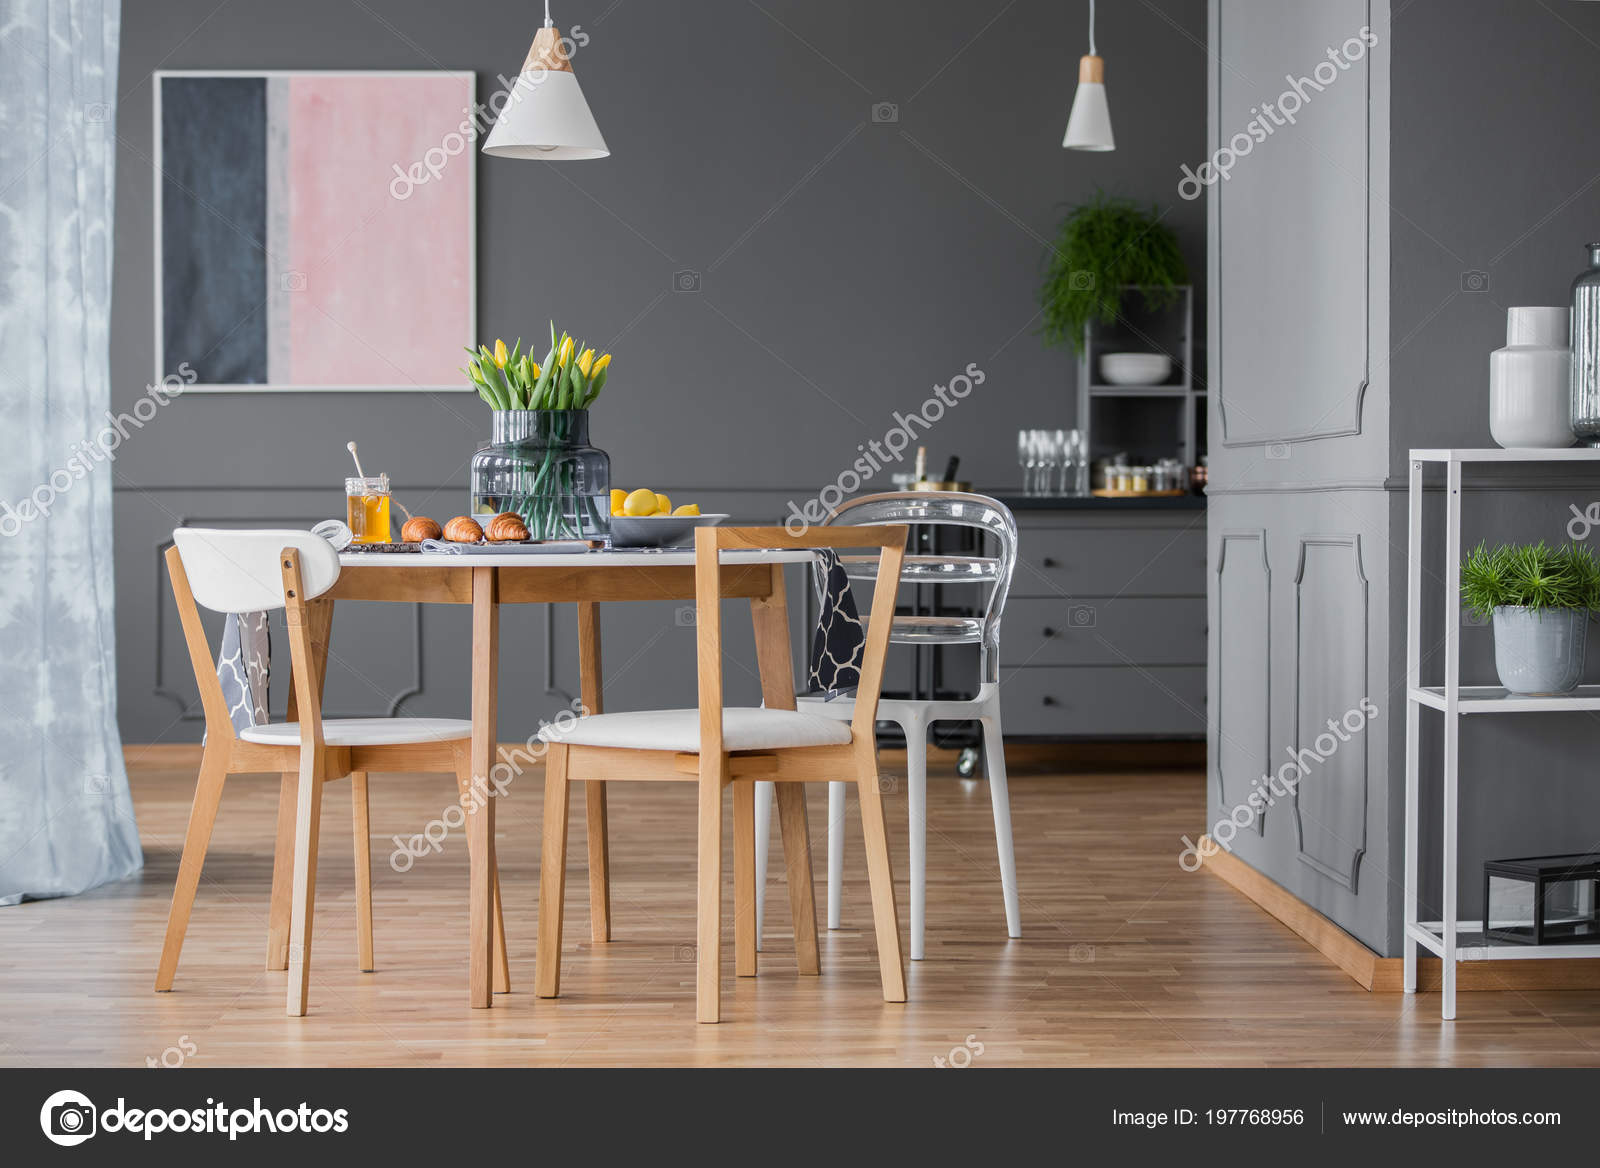 peinture rose bleue marine intrieur sombre salle manger avec table photo